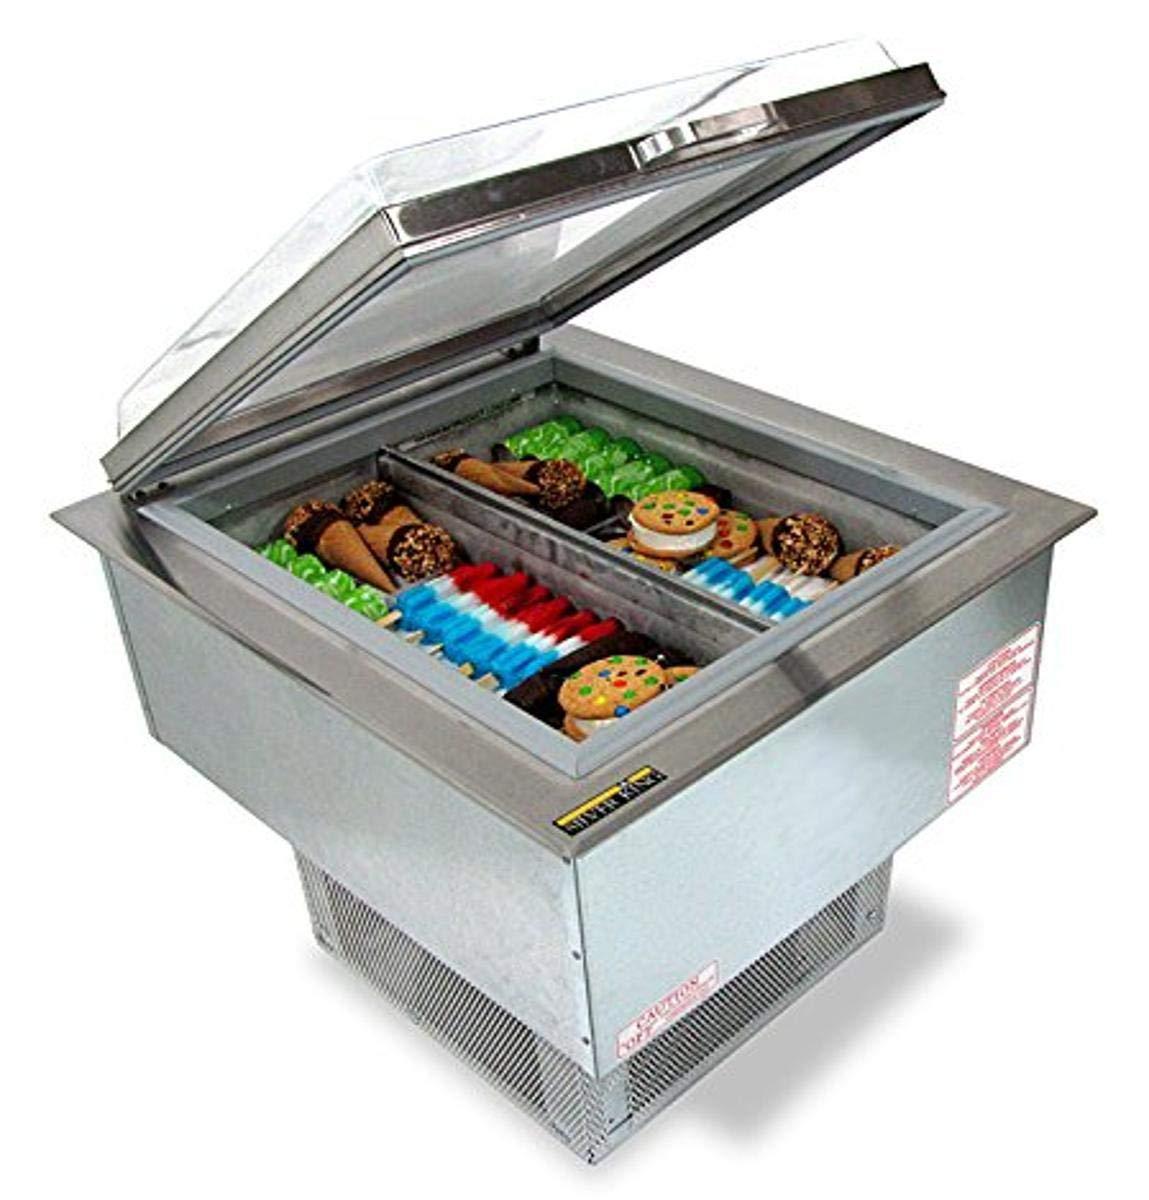 Silver King SKCTMDI/C1 Freezer, 23